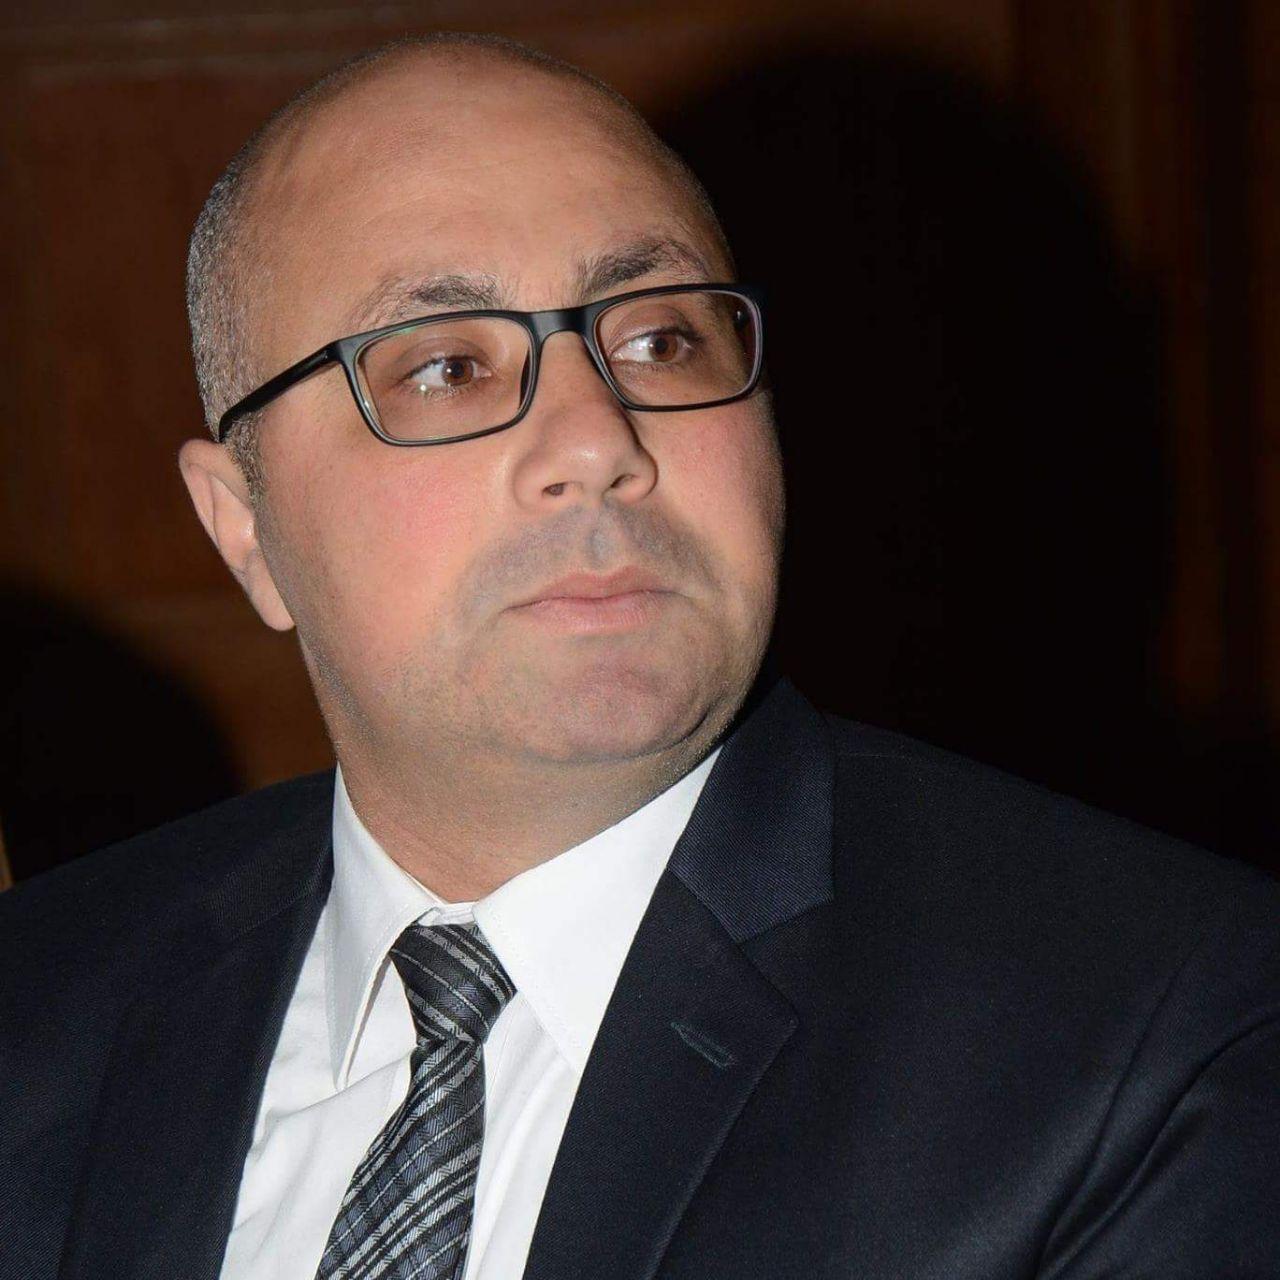 د.أحمد بهى الدين نائبا لرئيس هيئة الكتاب 1